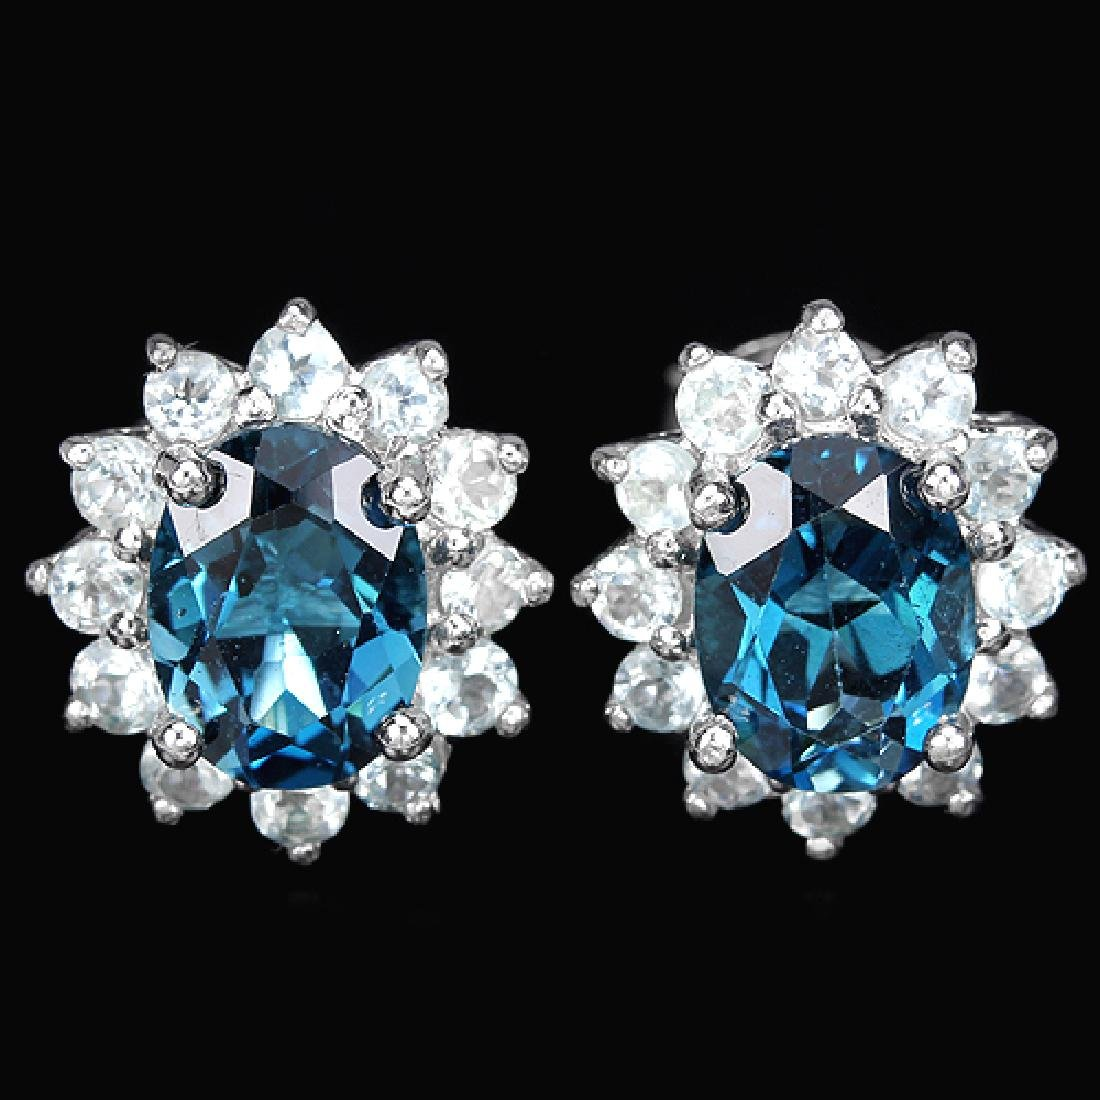 Natural Sky & London Blue Topaz Earrings